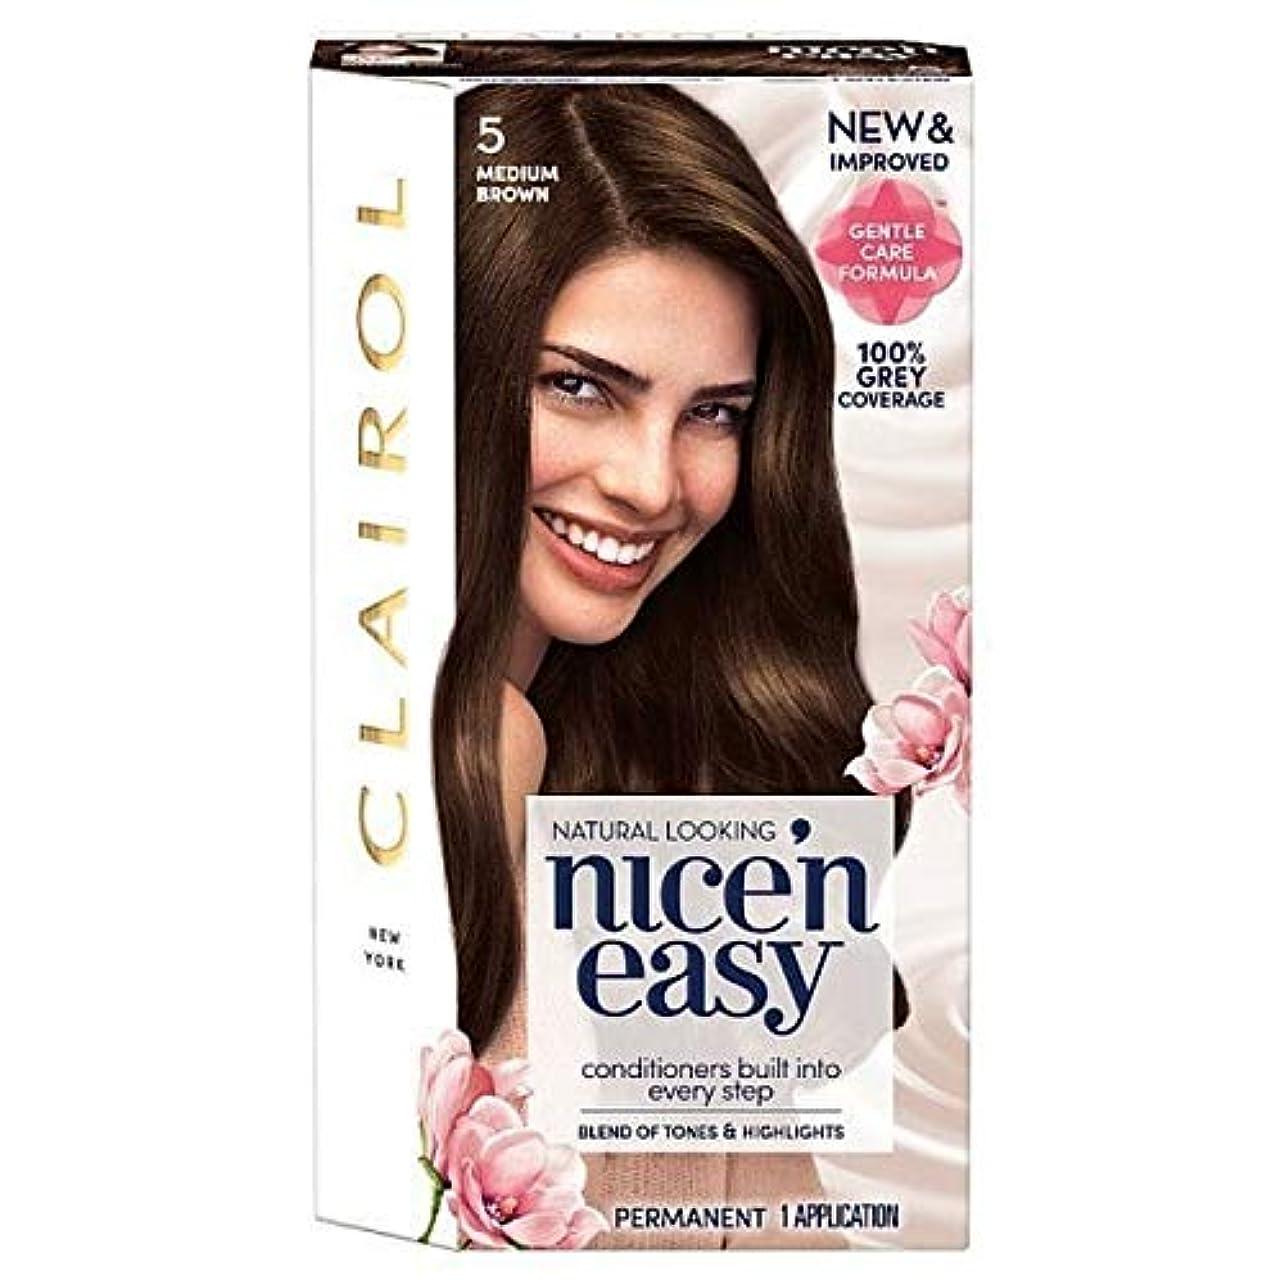 ゼリー想像力豊かな行動[Nice'n Easy] Nice'N簡単5ミディアムブラウン - Nice'n Easy 5 Medium Brown [並行輸入品]